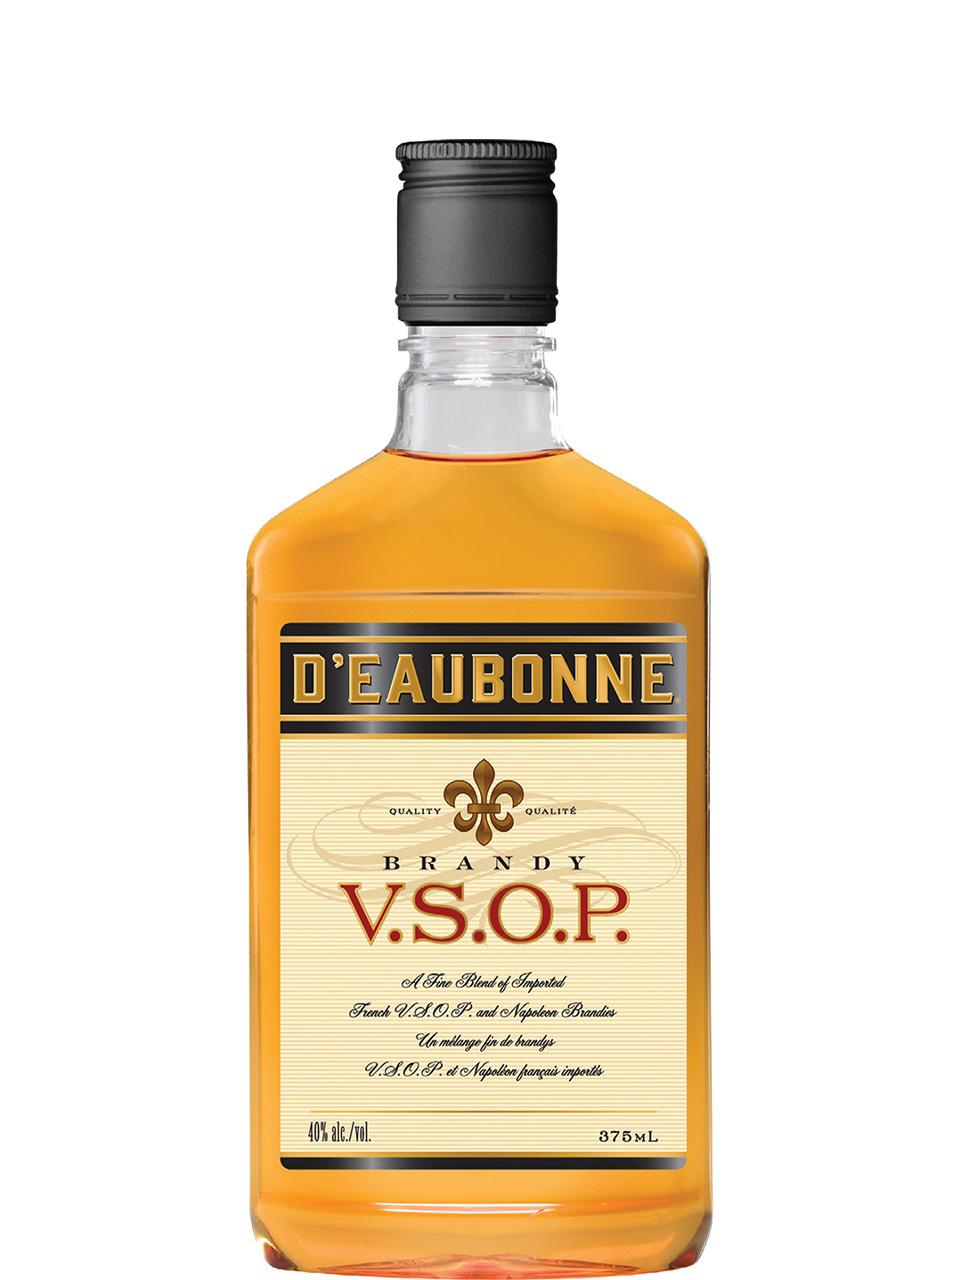 D'Eaubonne Brandy